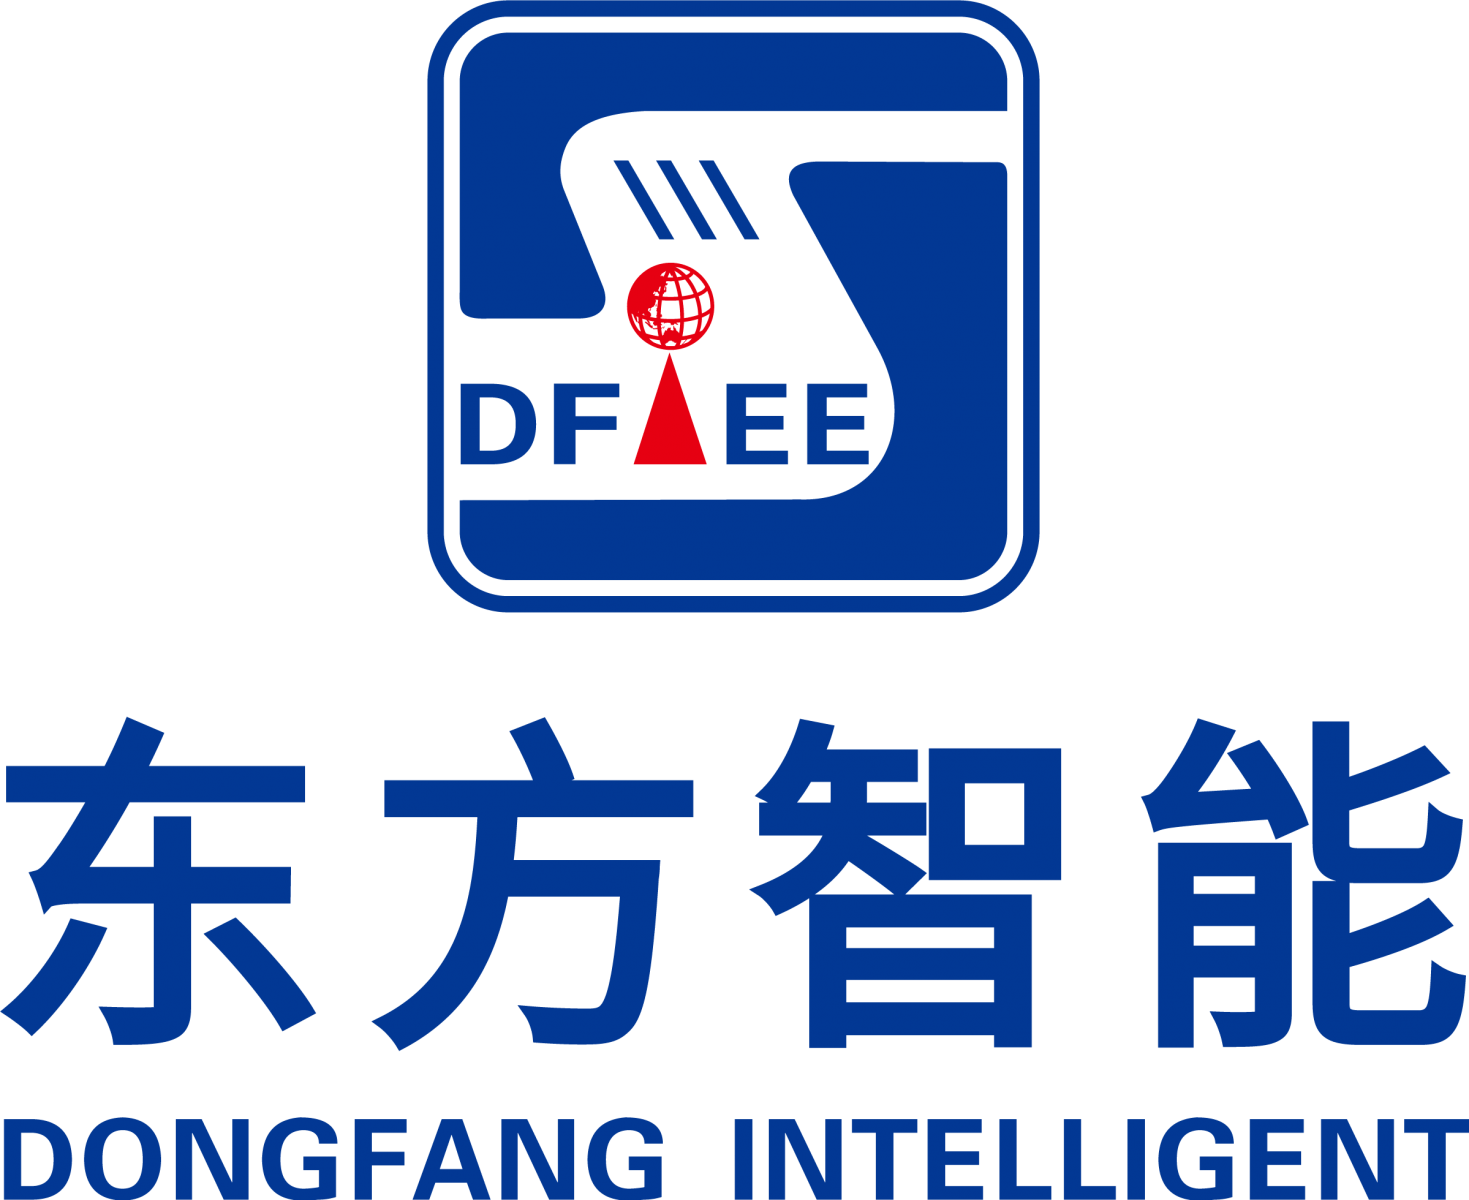 四川东方水利智能装备工程股份有限公司